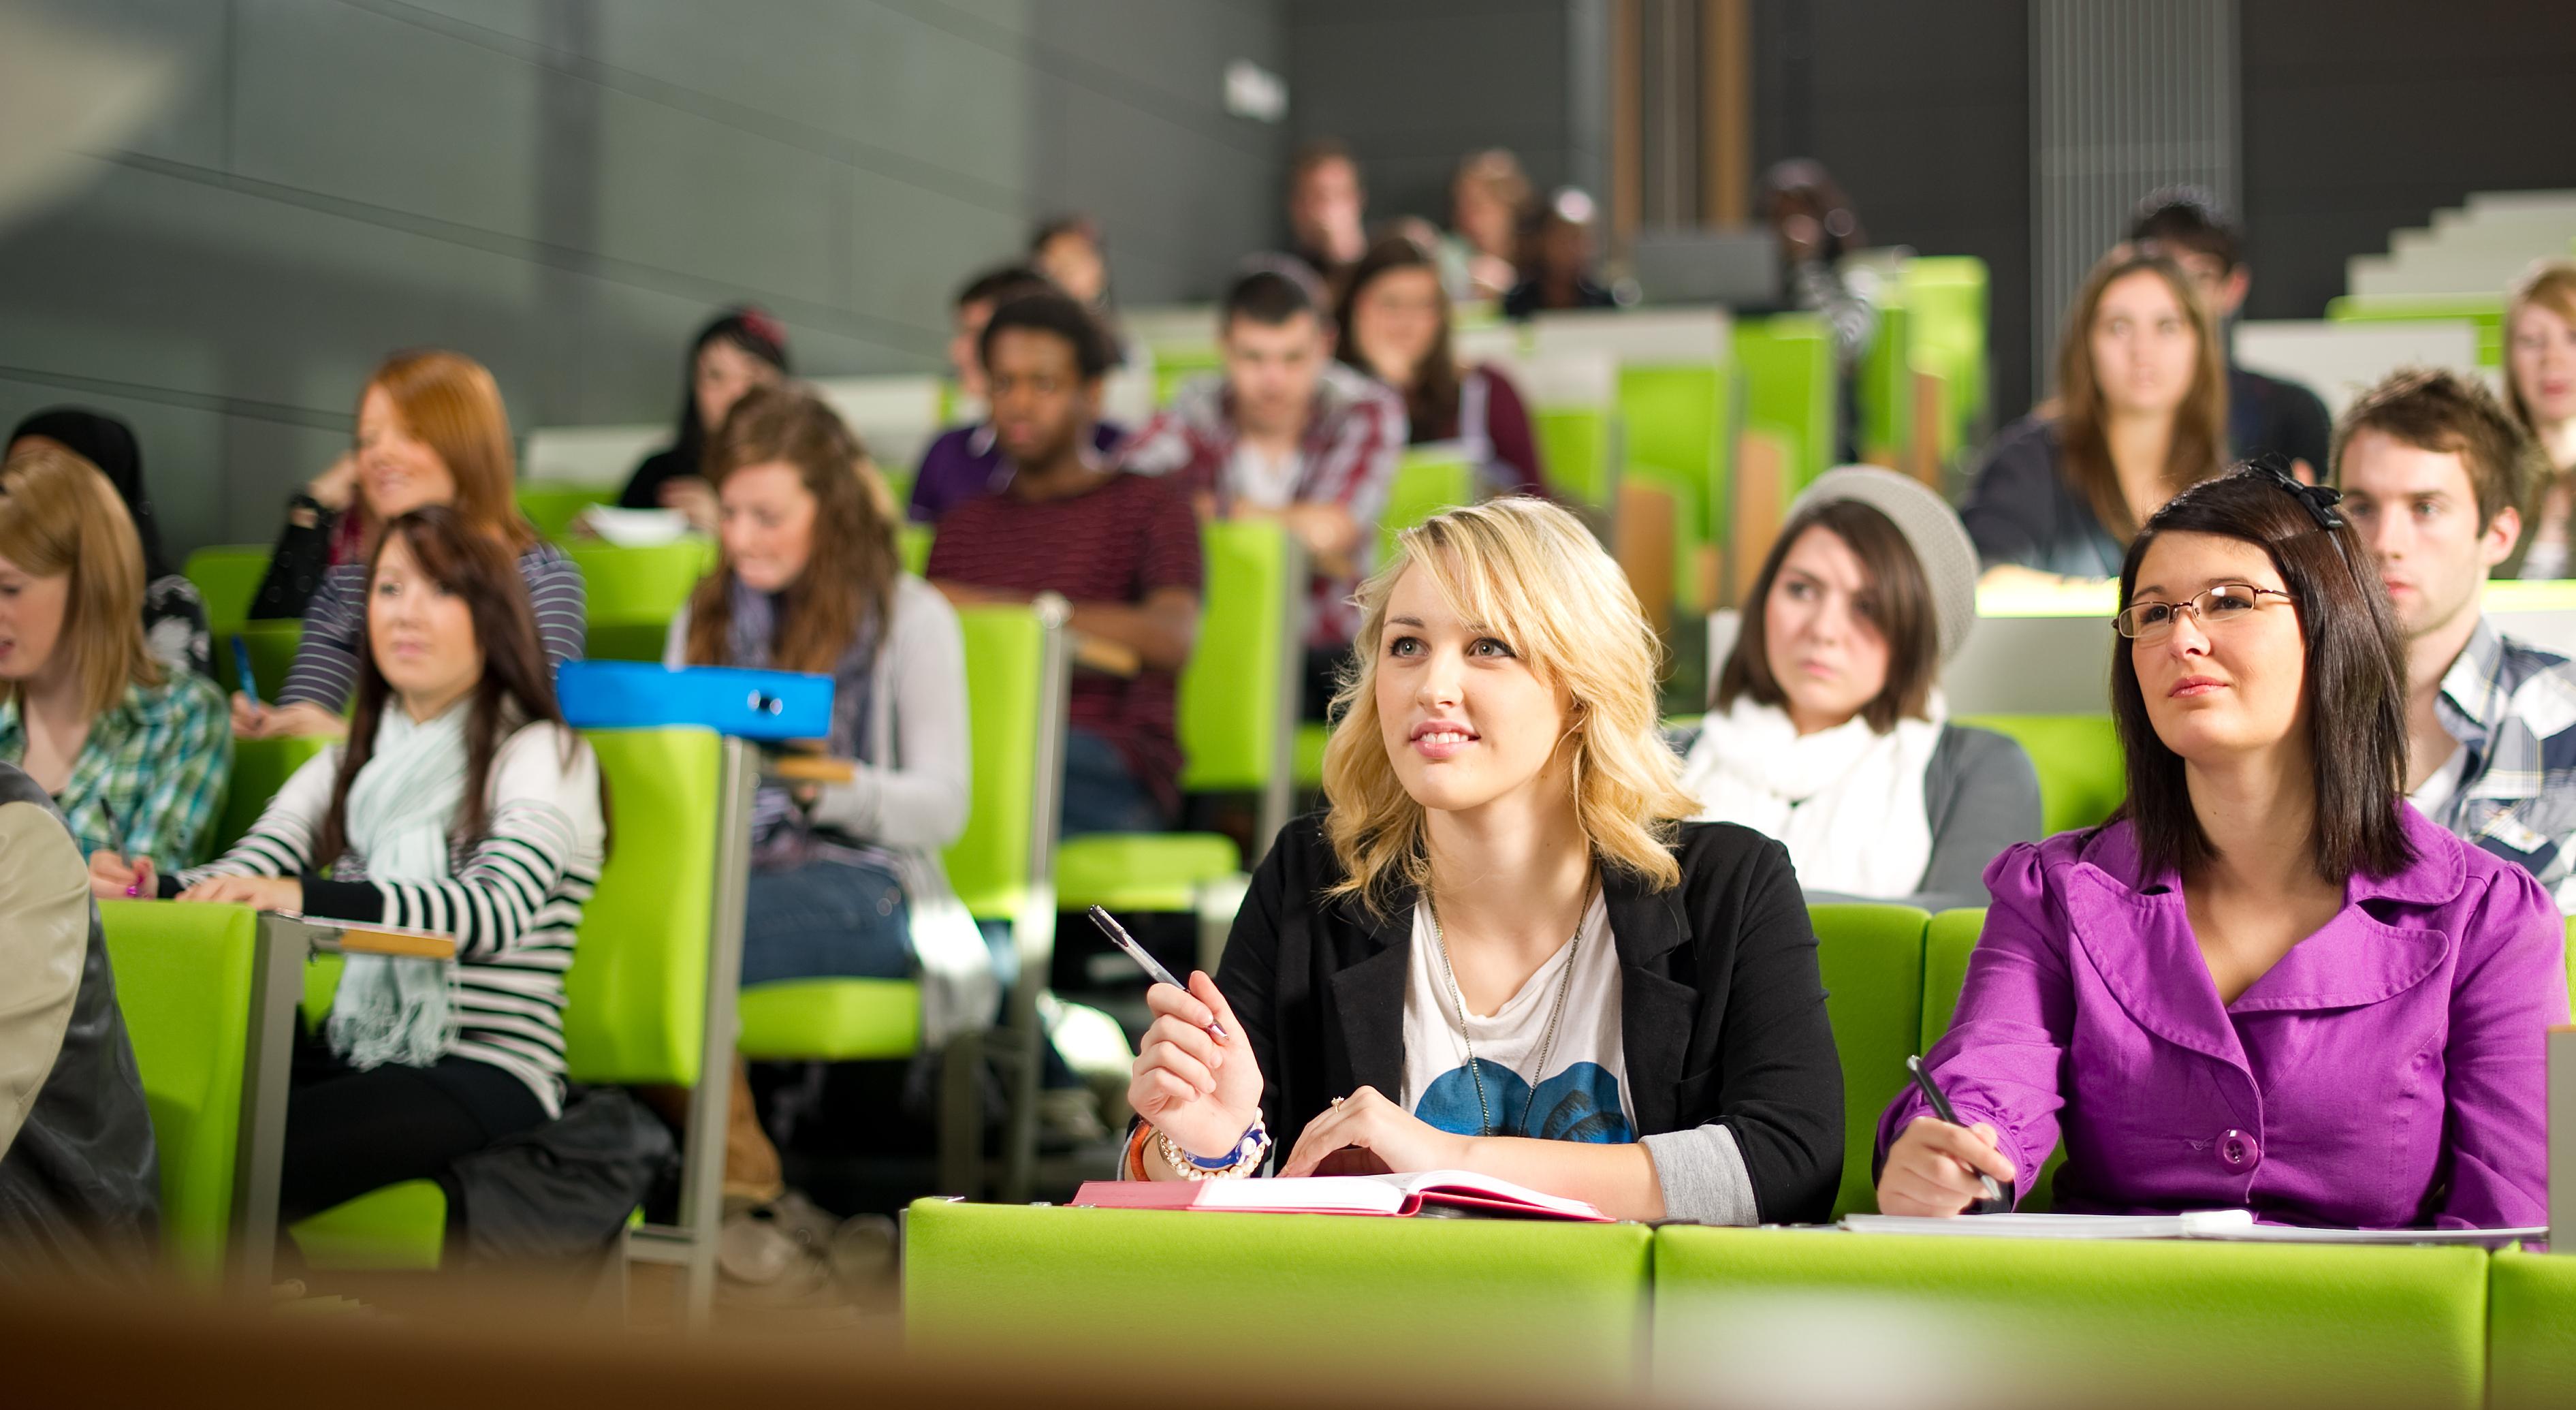 obtaining academic success in college essay